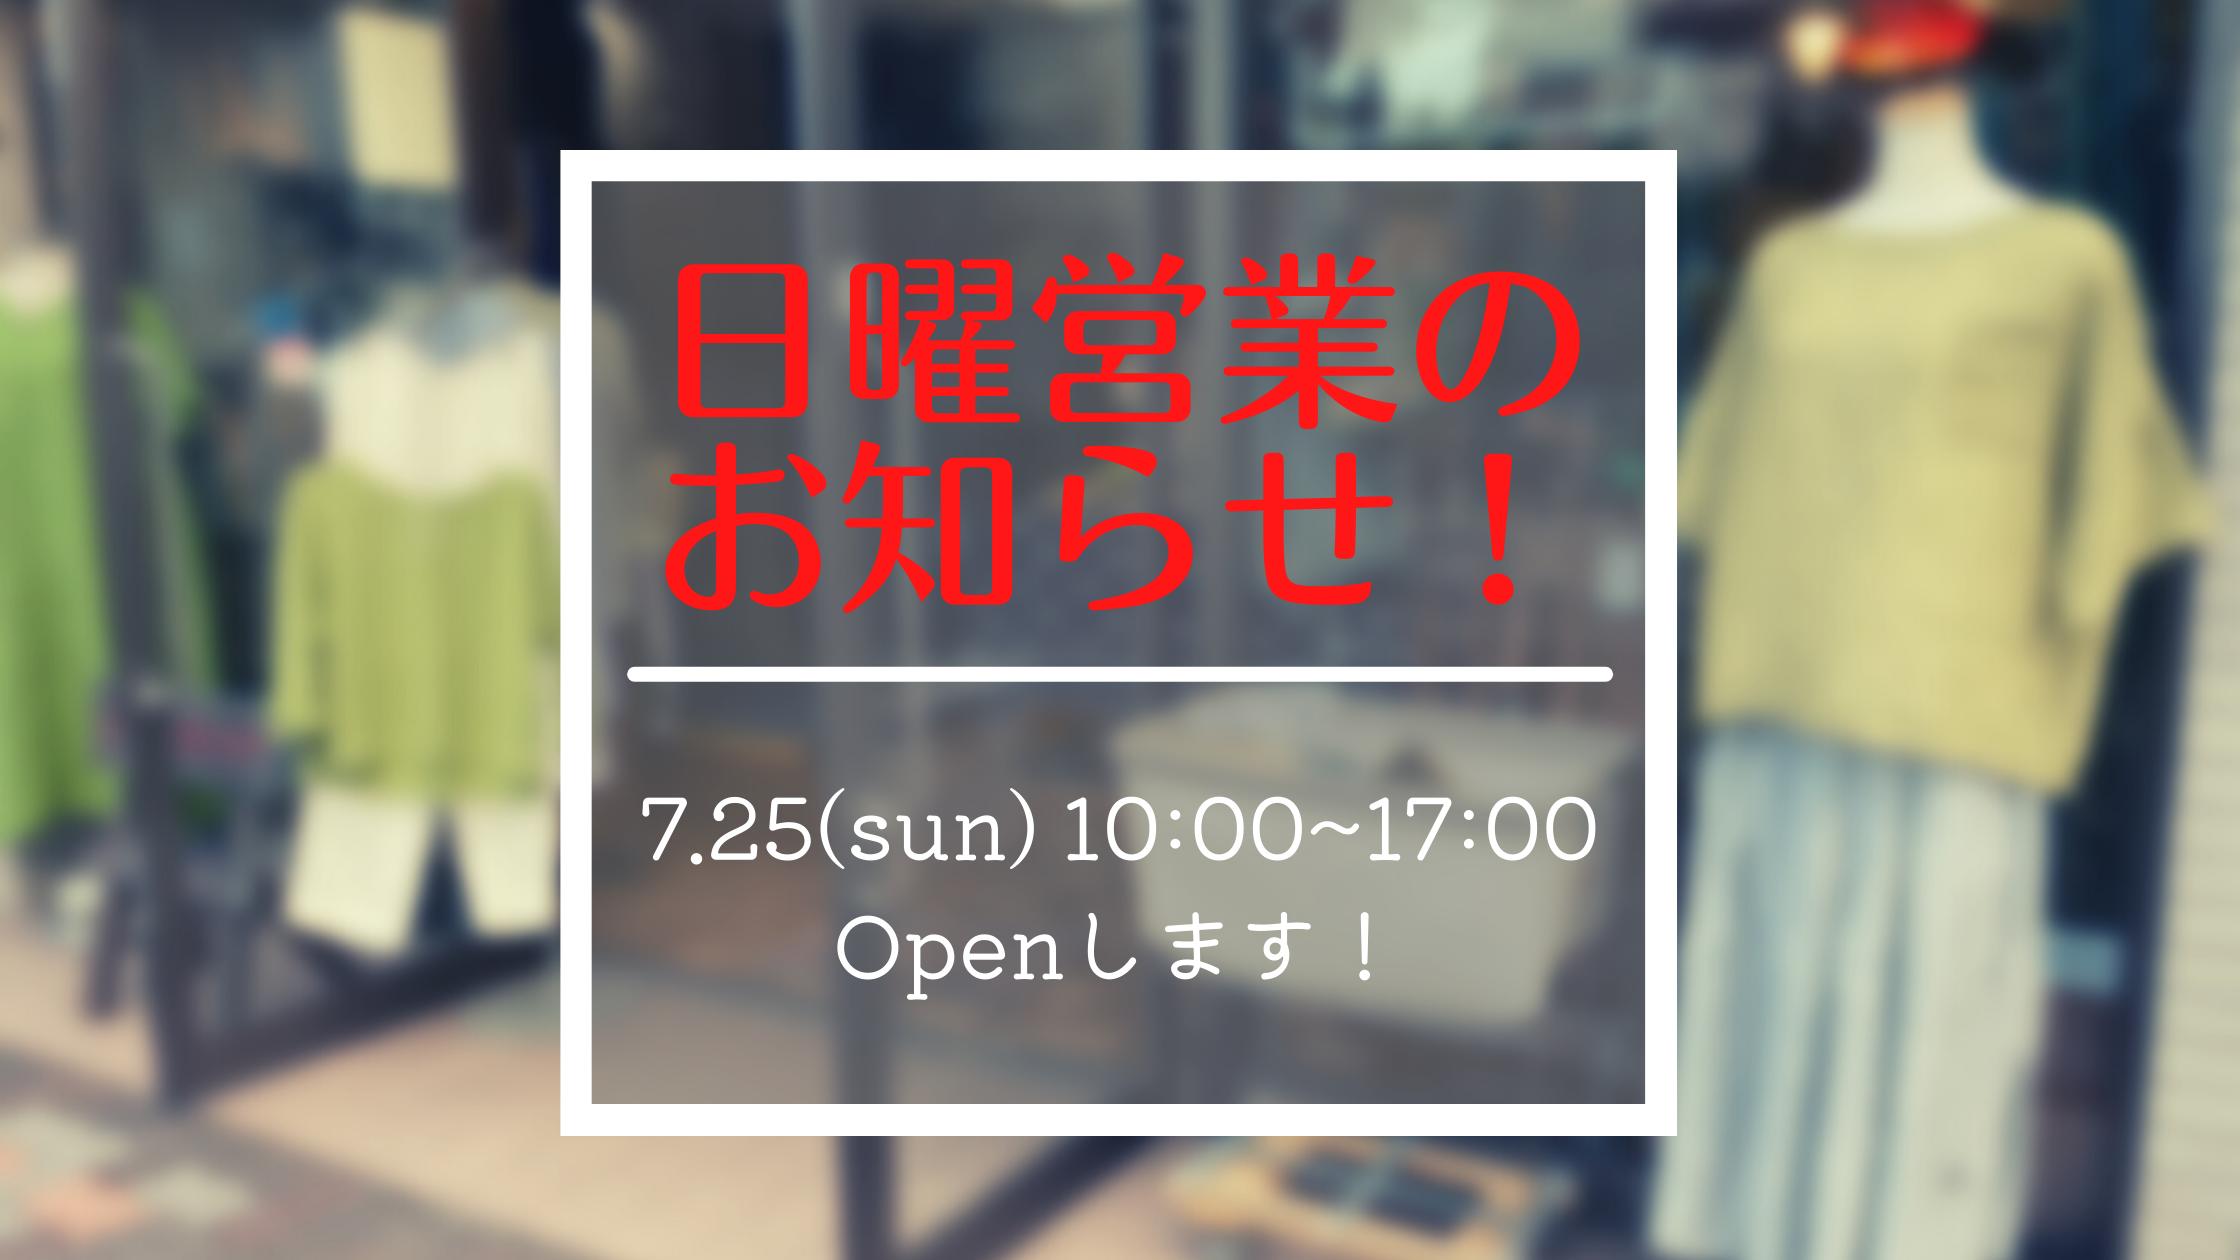 【お知らせ】日曜営業のお知らせ!